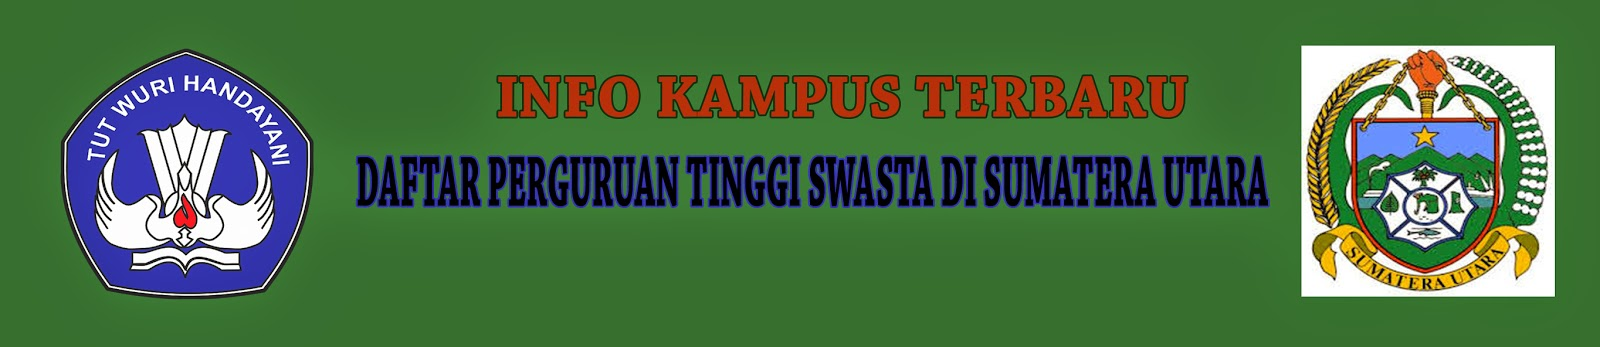 Daftar Perguruan Tinggi Swasta Di Sumatera Utara